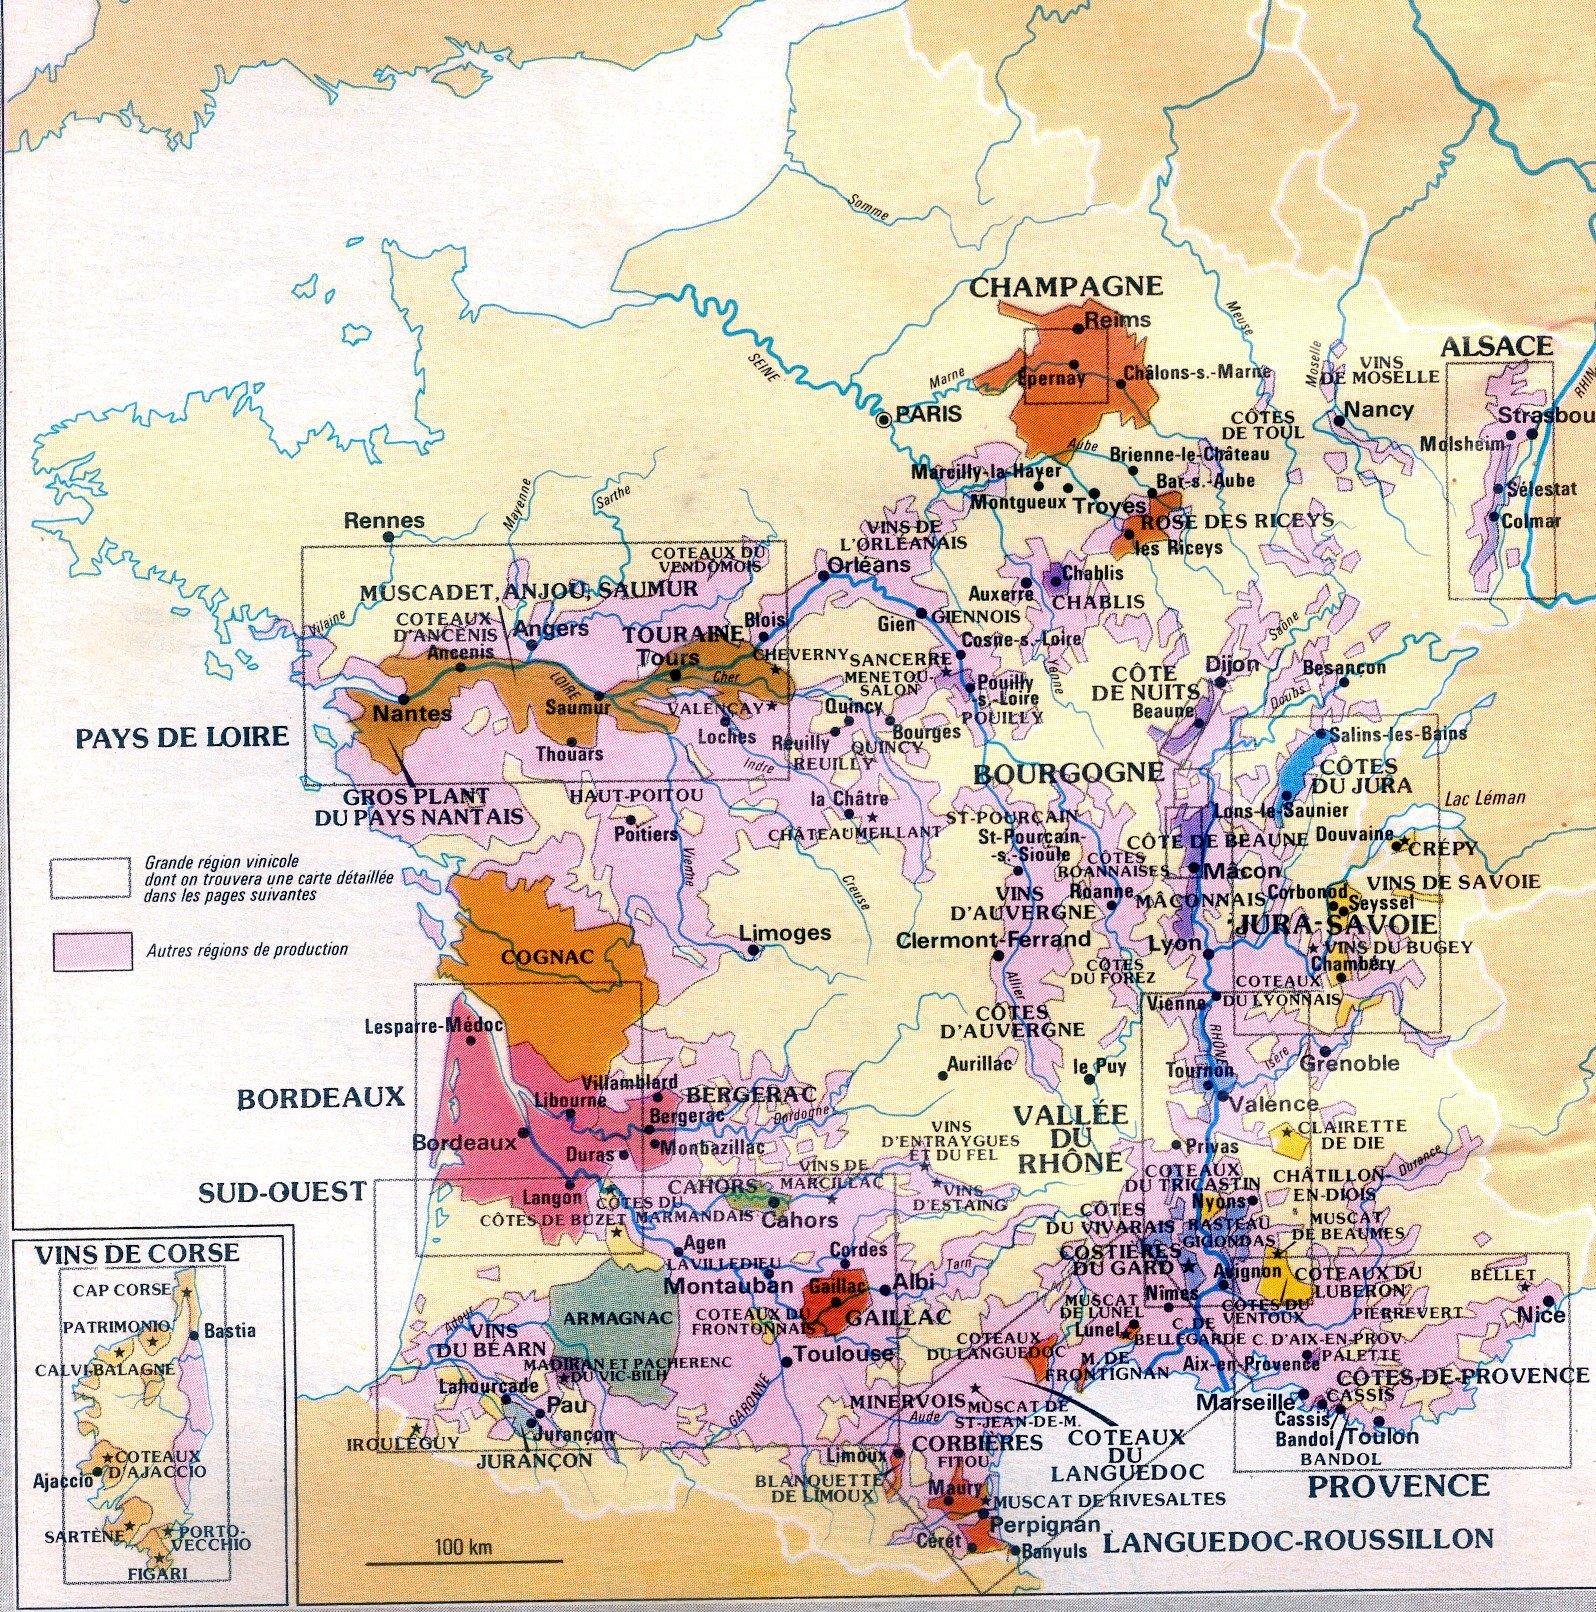 Les Regions Viticoles Francaises Ce Thales Valence